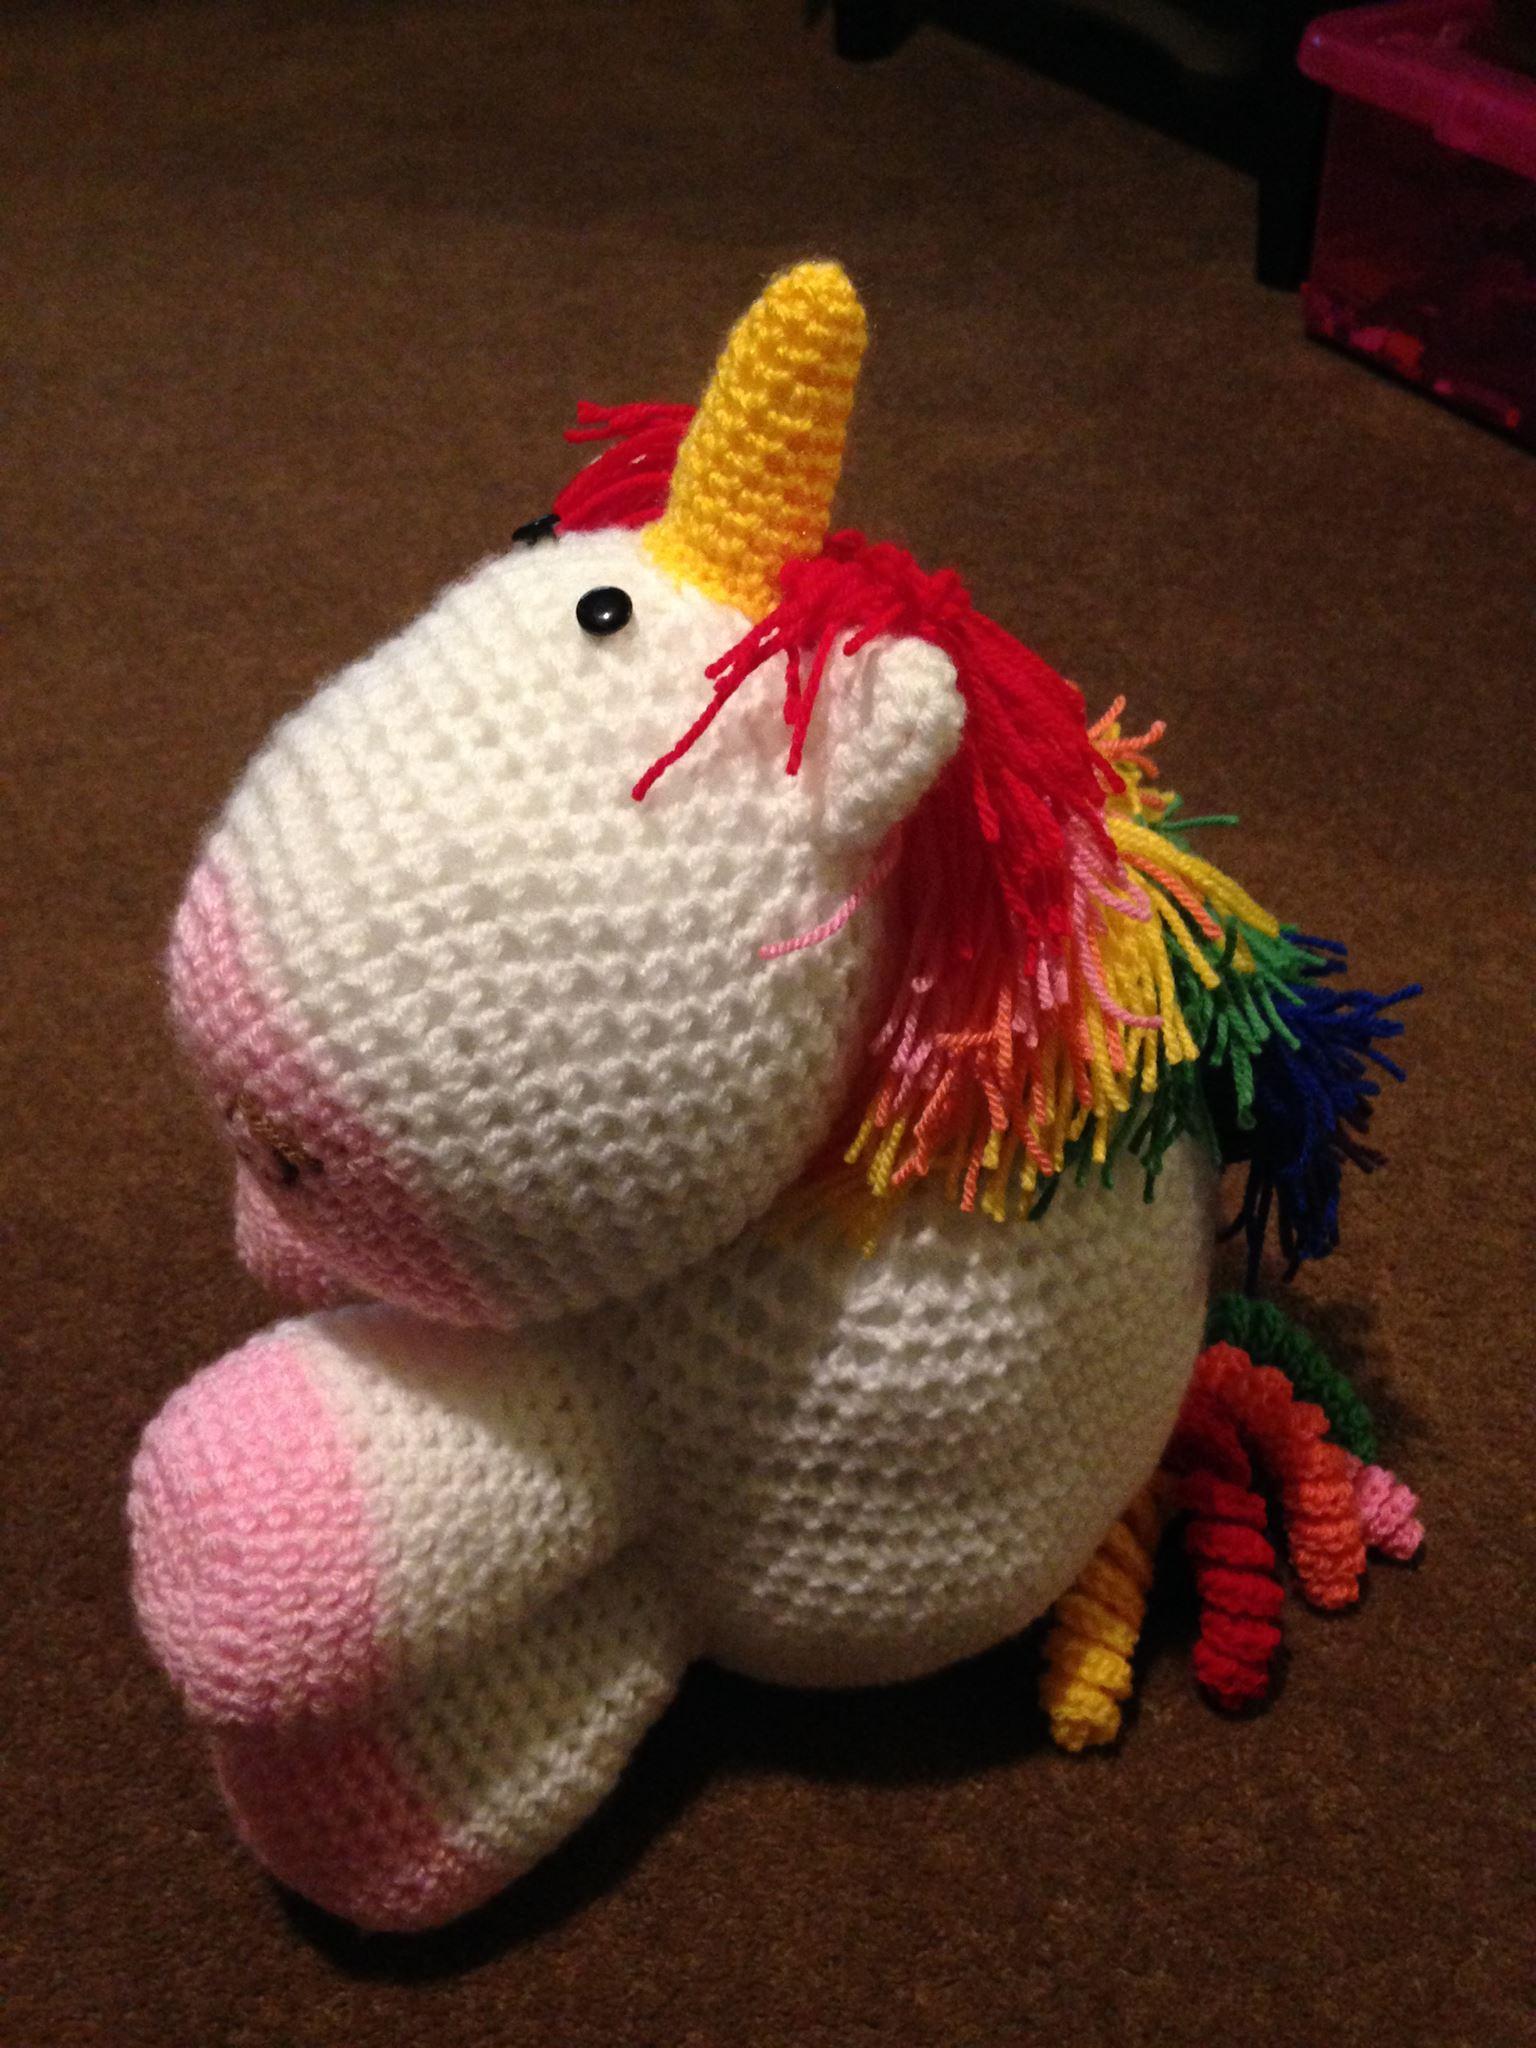 Cuddly crocheted Unicorn.